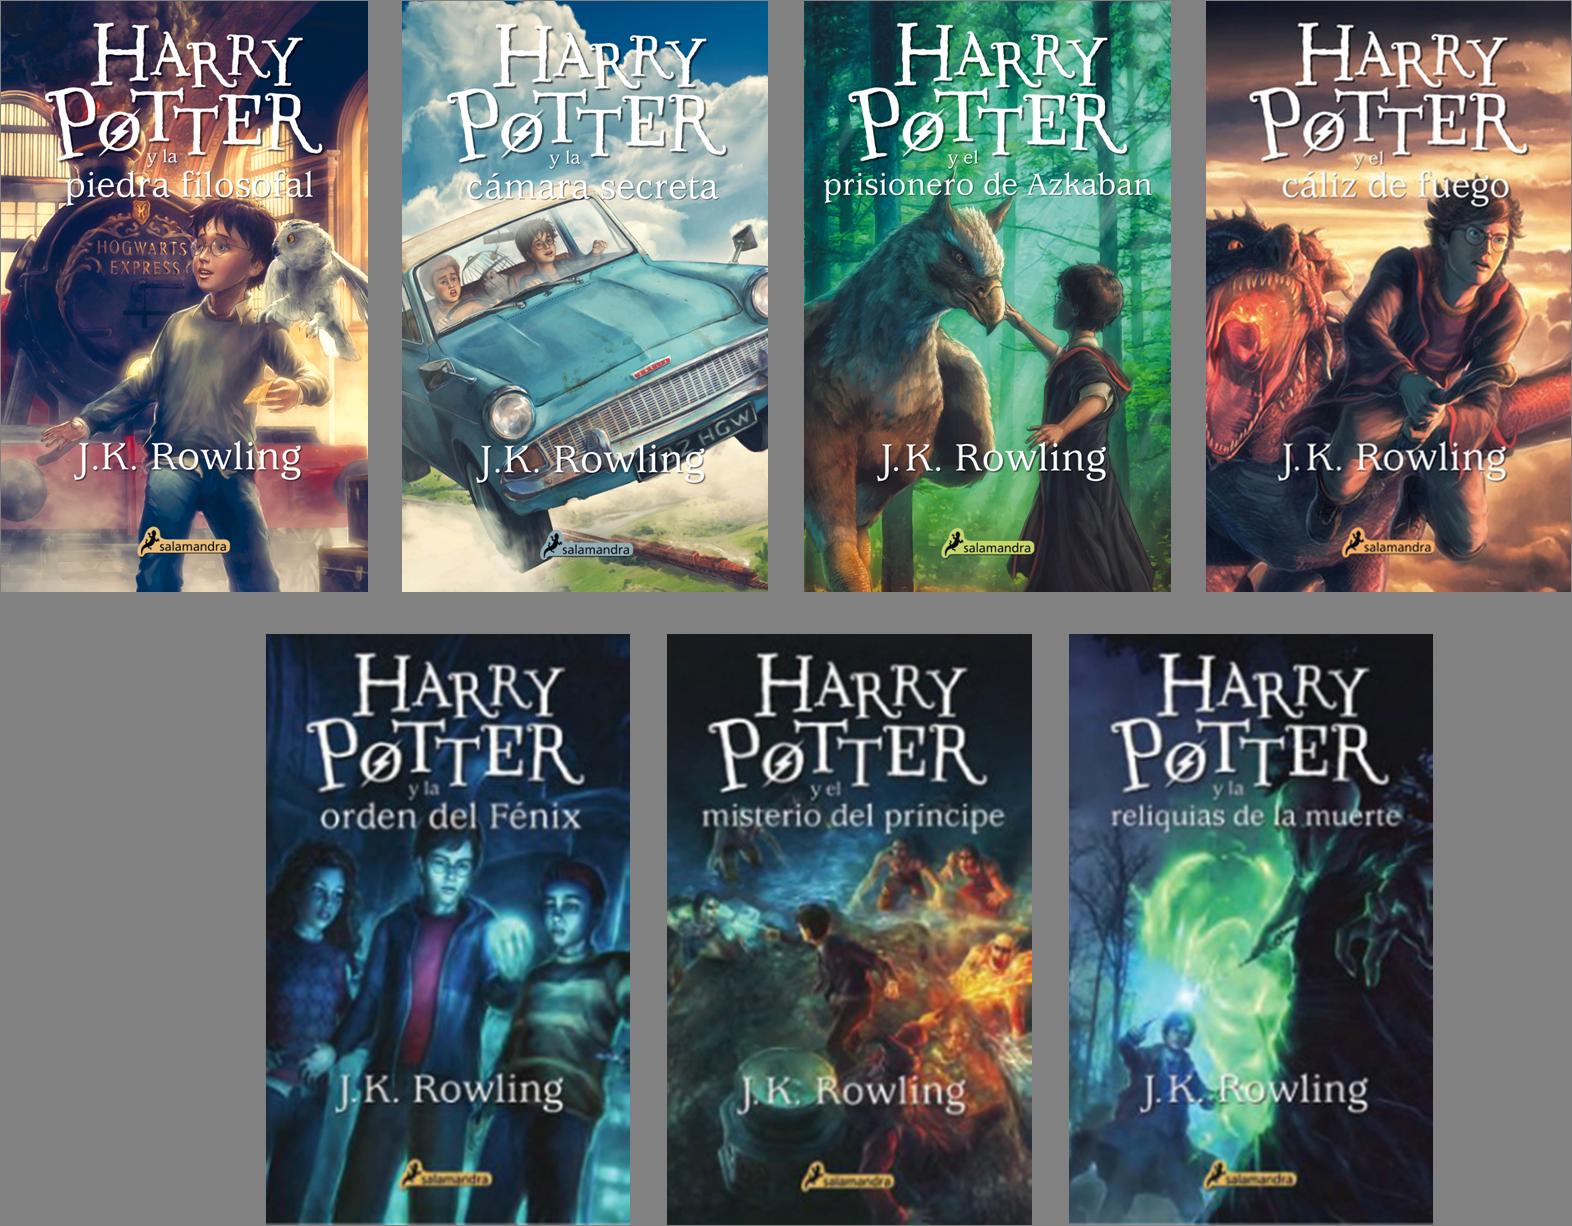 Resultado de imagen de saga harry potter libros portadas